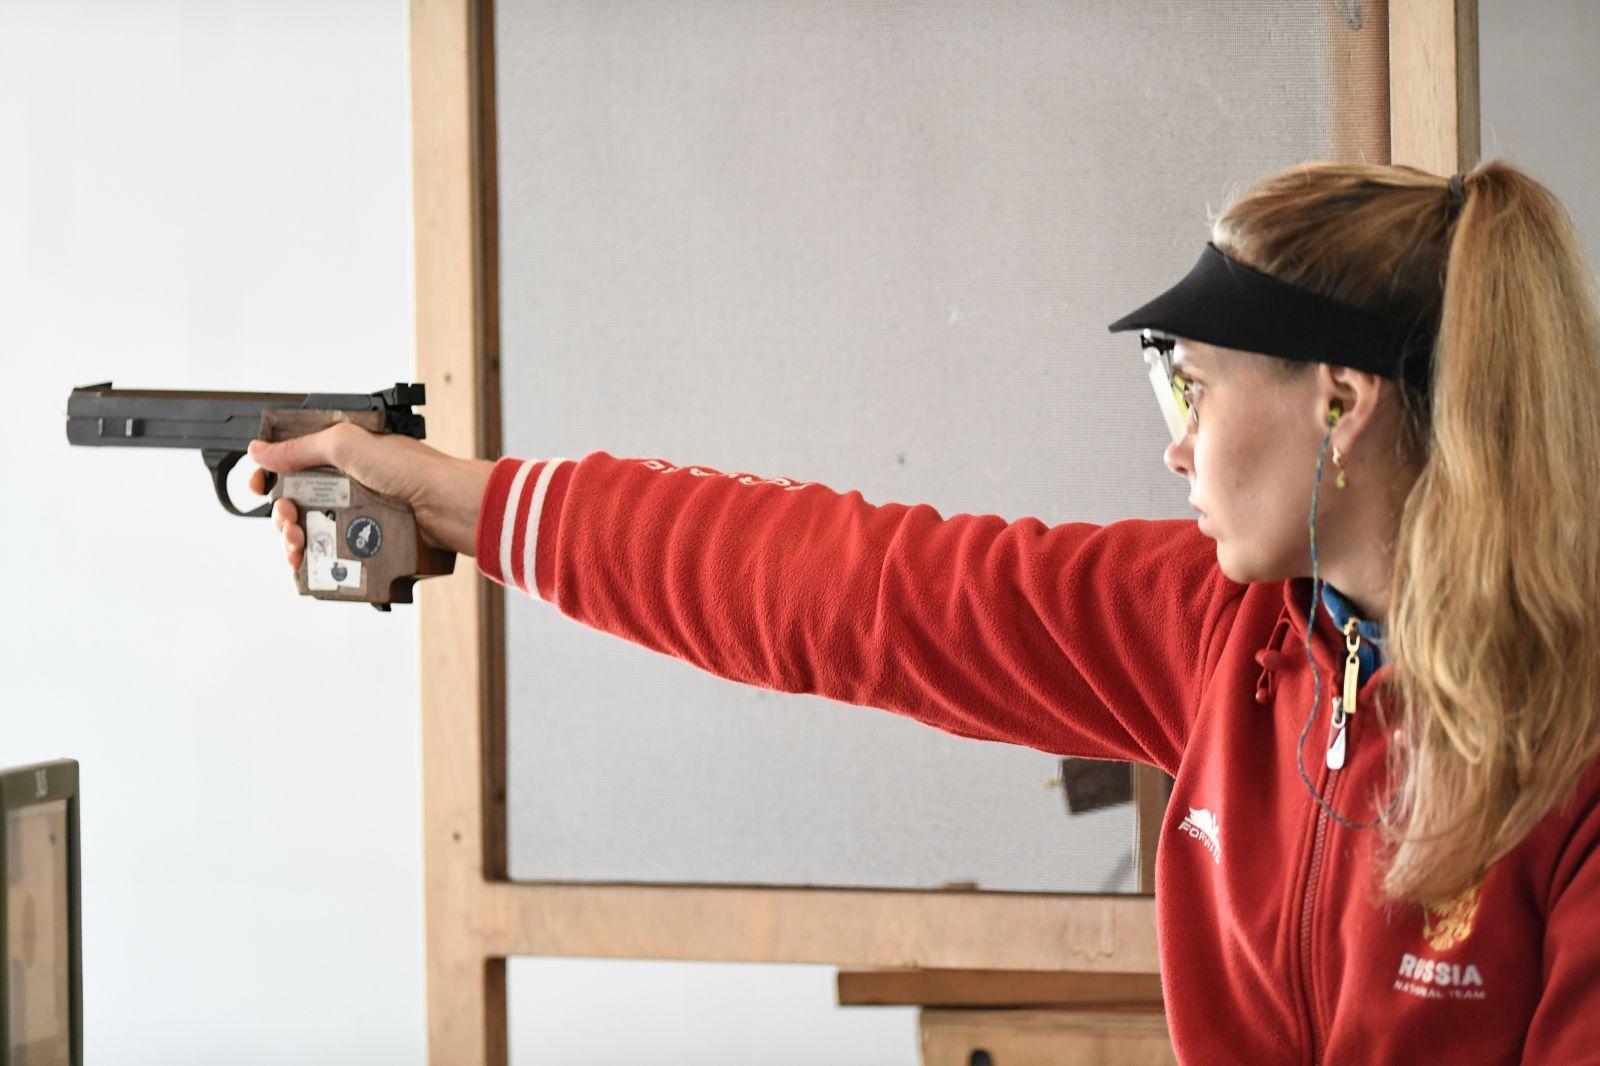 Сборная команда России завоевала бронзовую медаль в третий день чемпионата мира МПК по пулевой стрельбе